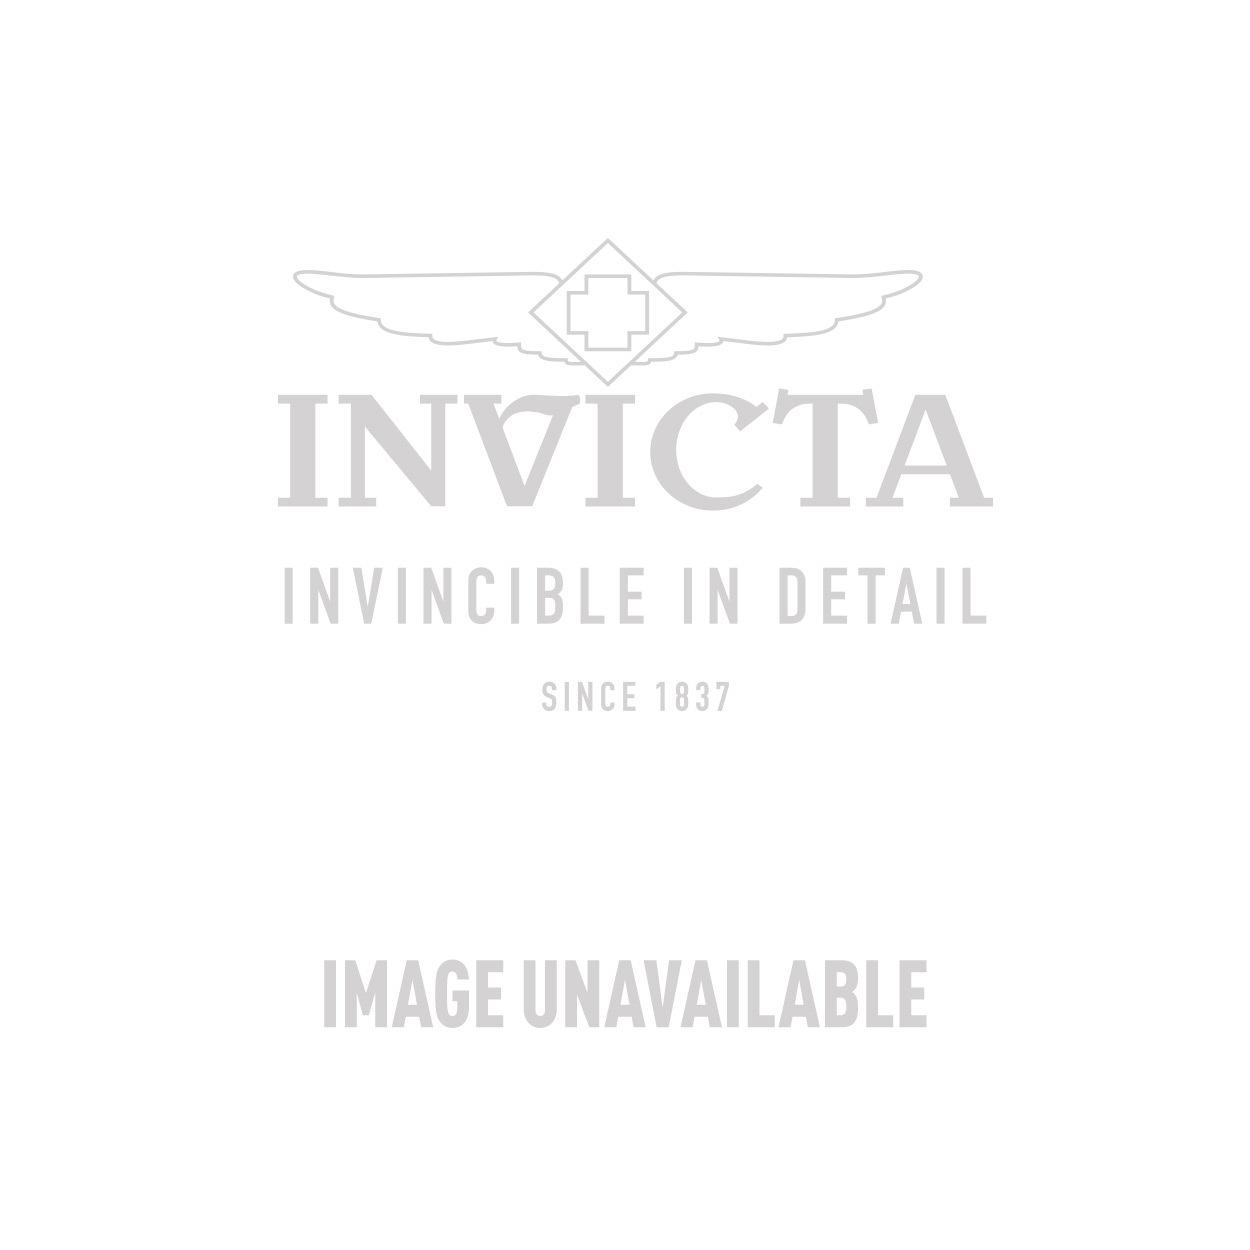 Invicta Model 28004